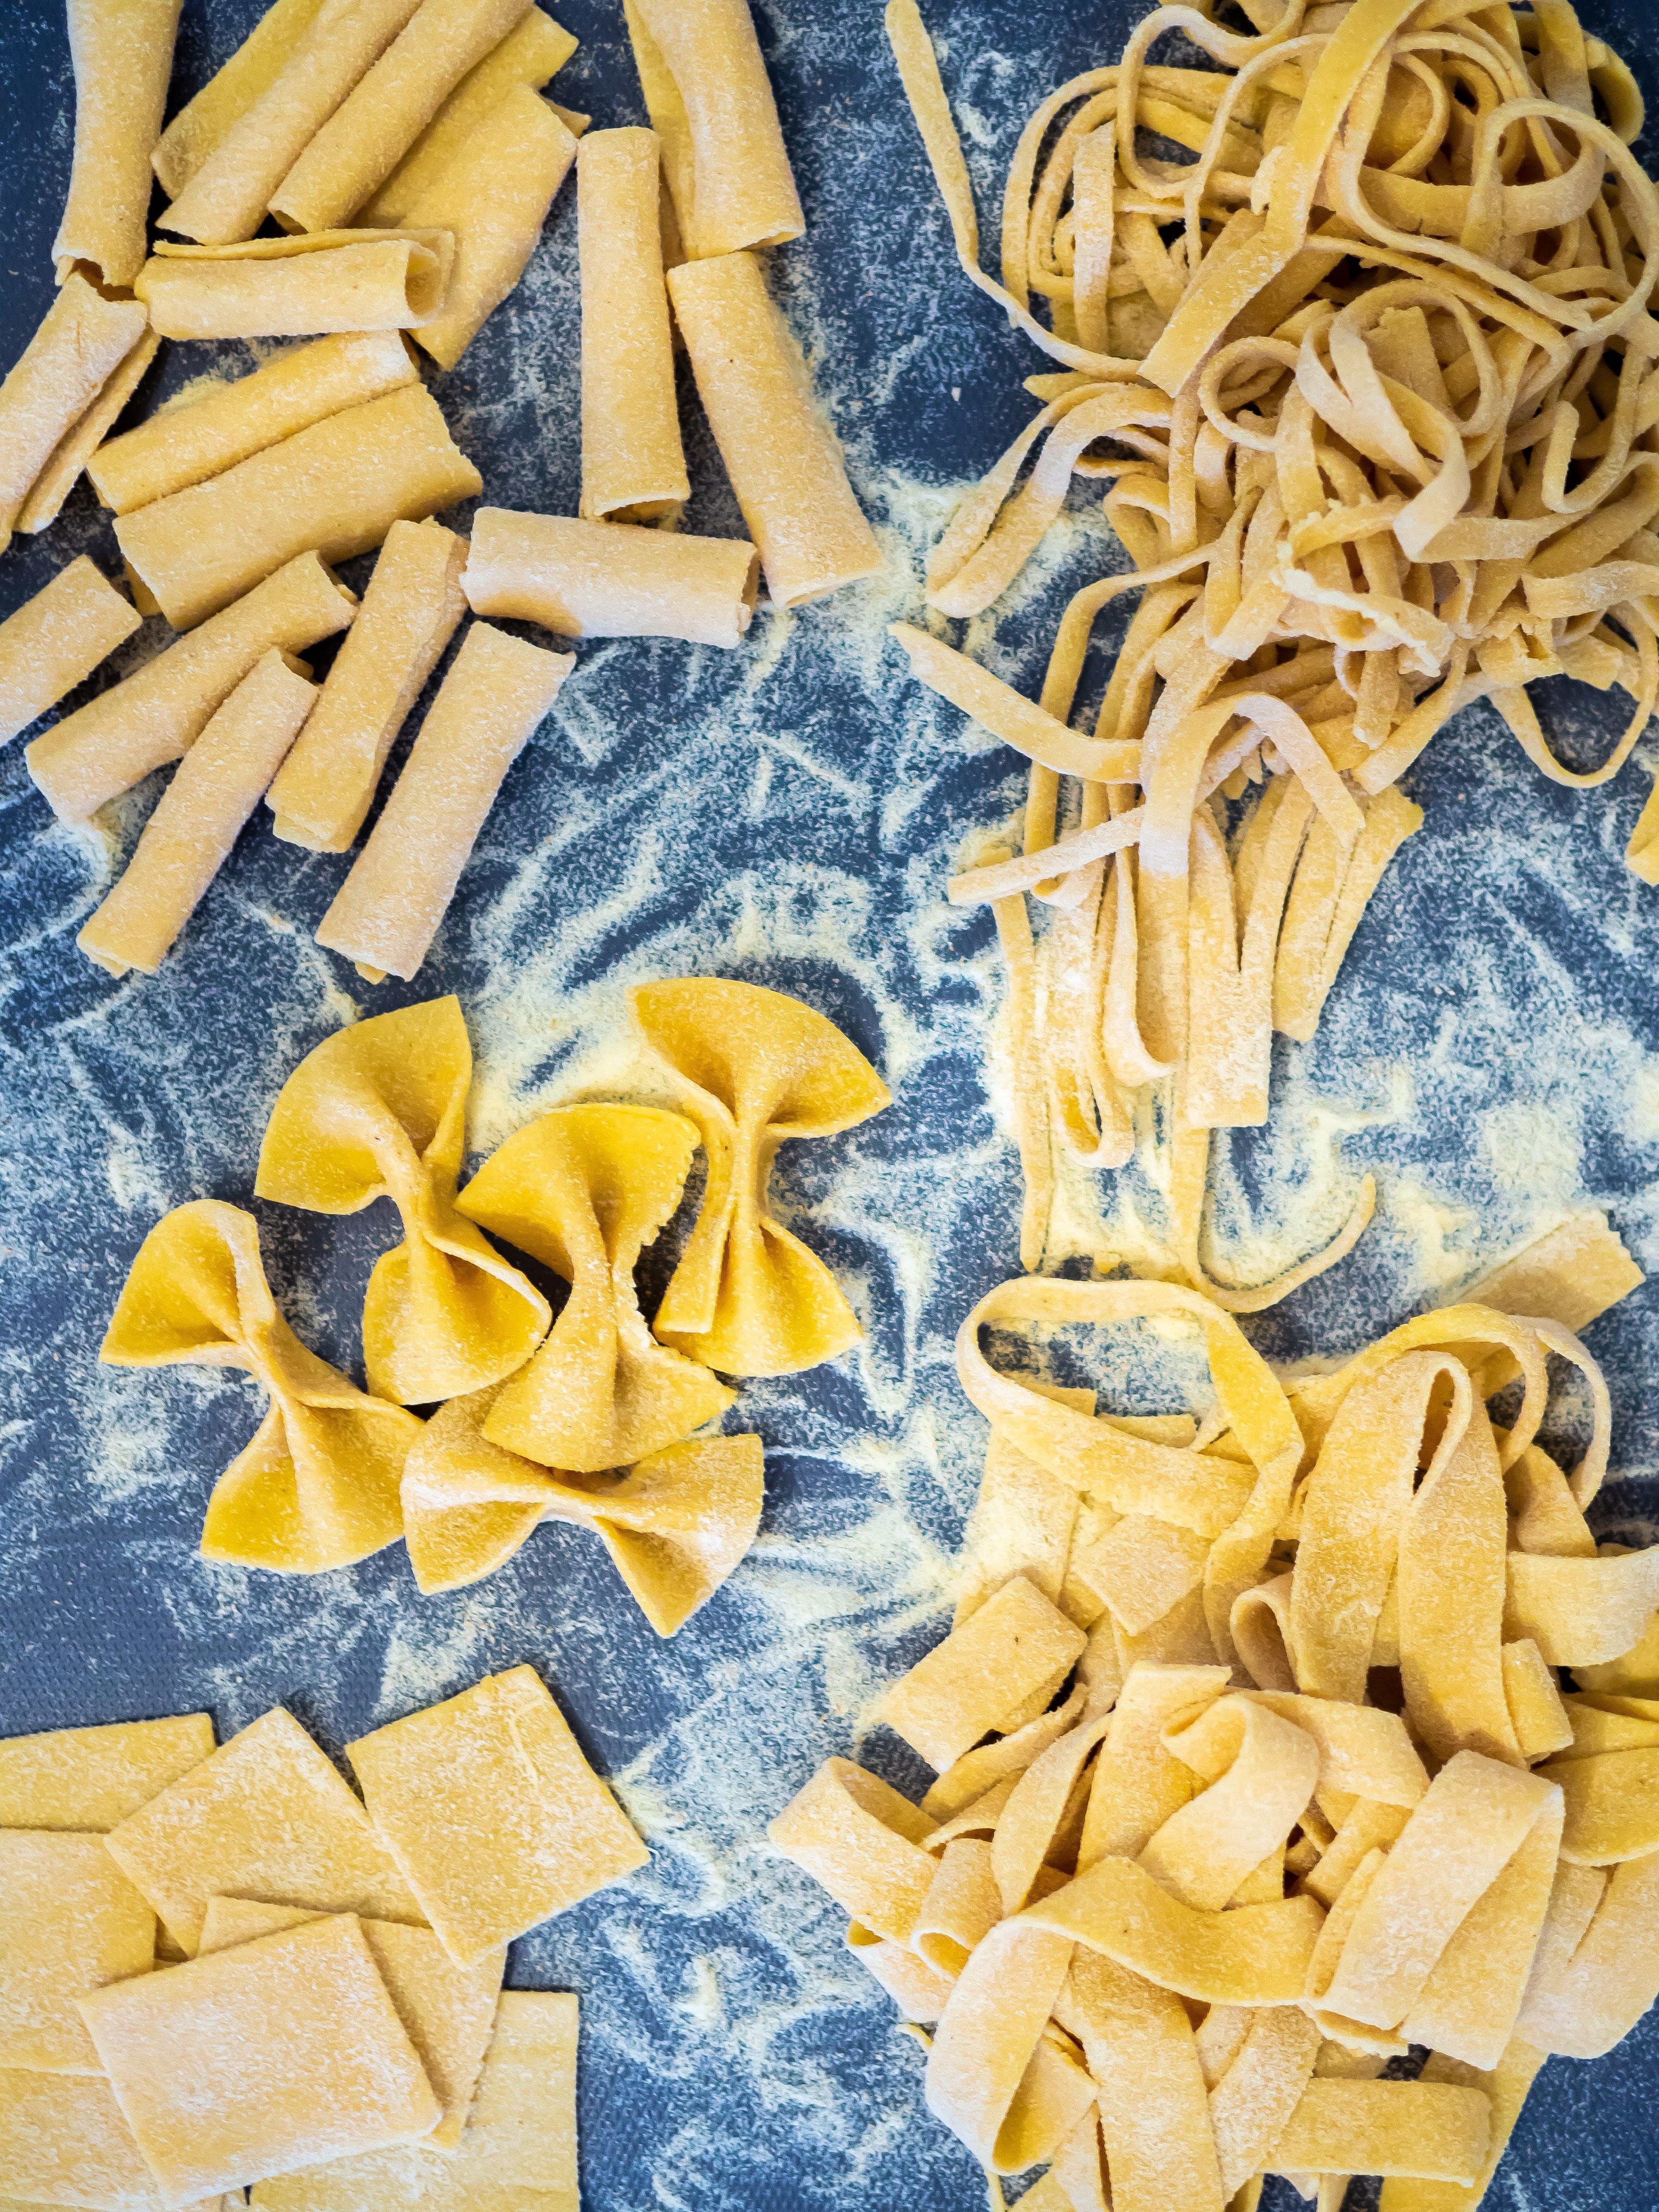 Světový den těstovin a 13 rad, jak správně vařit těstoviny